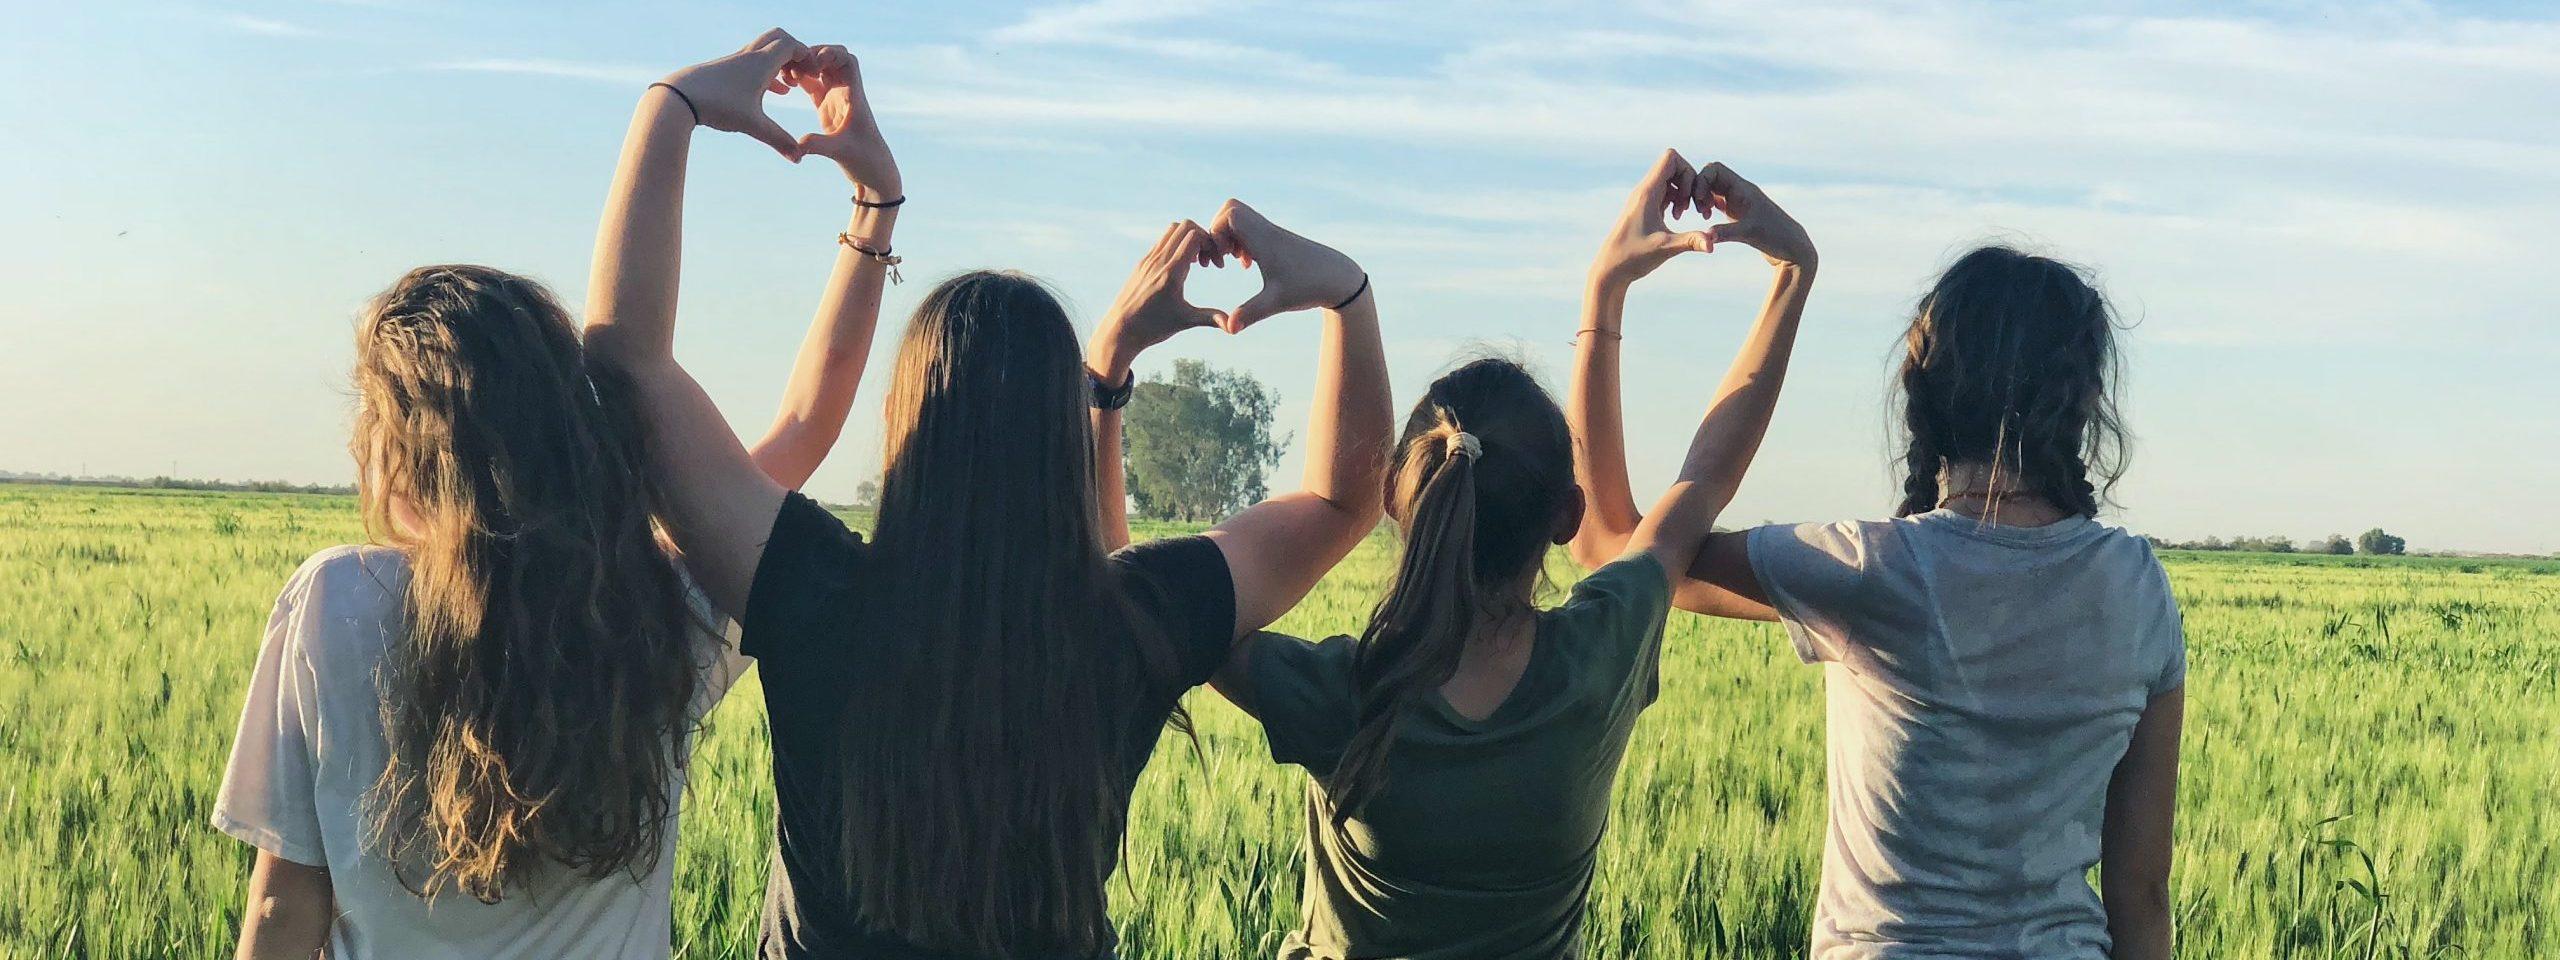 Tjejer formar hjärtan med händerna